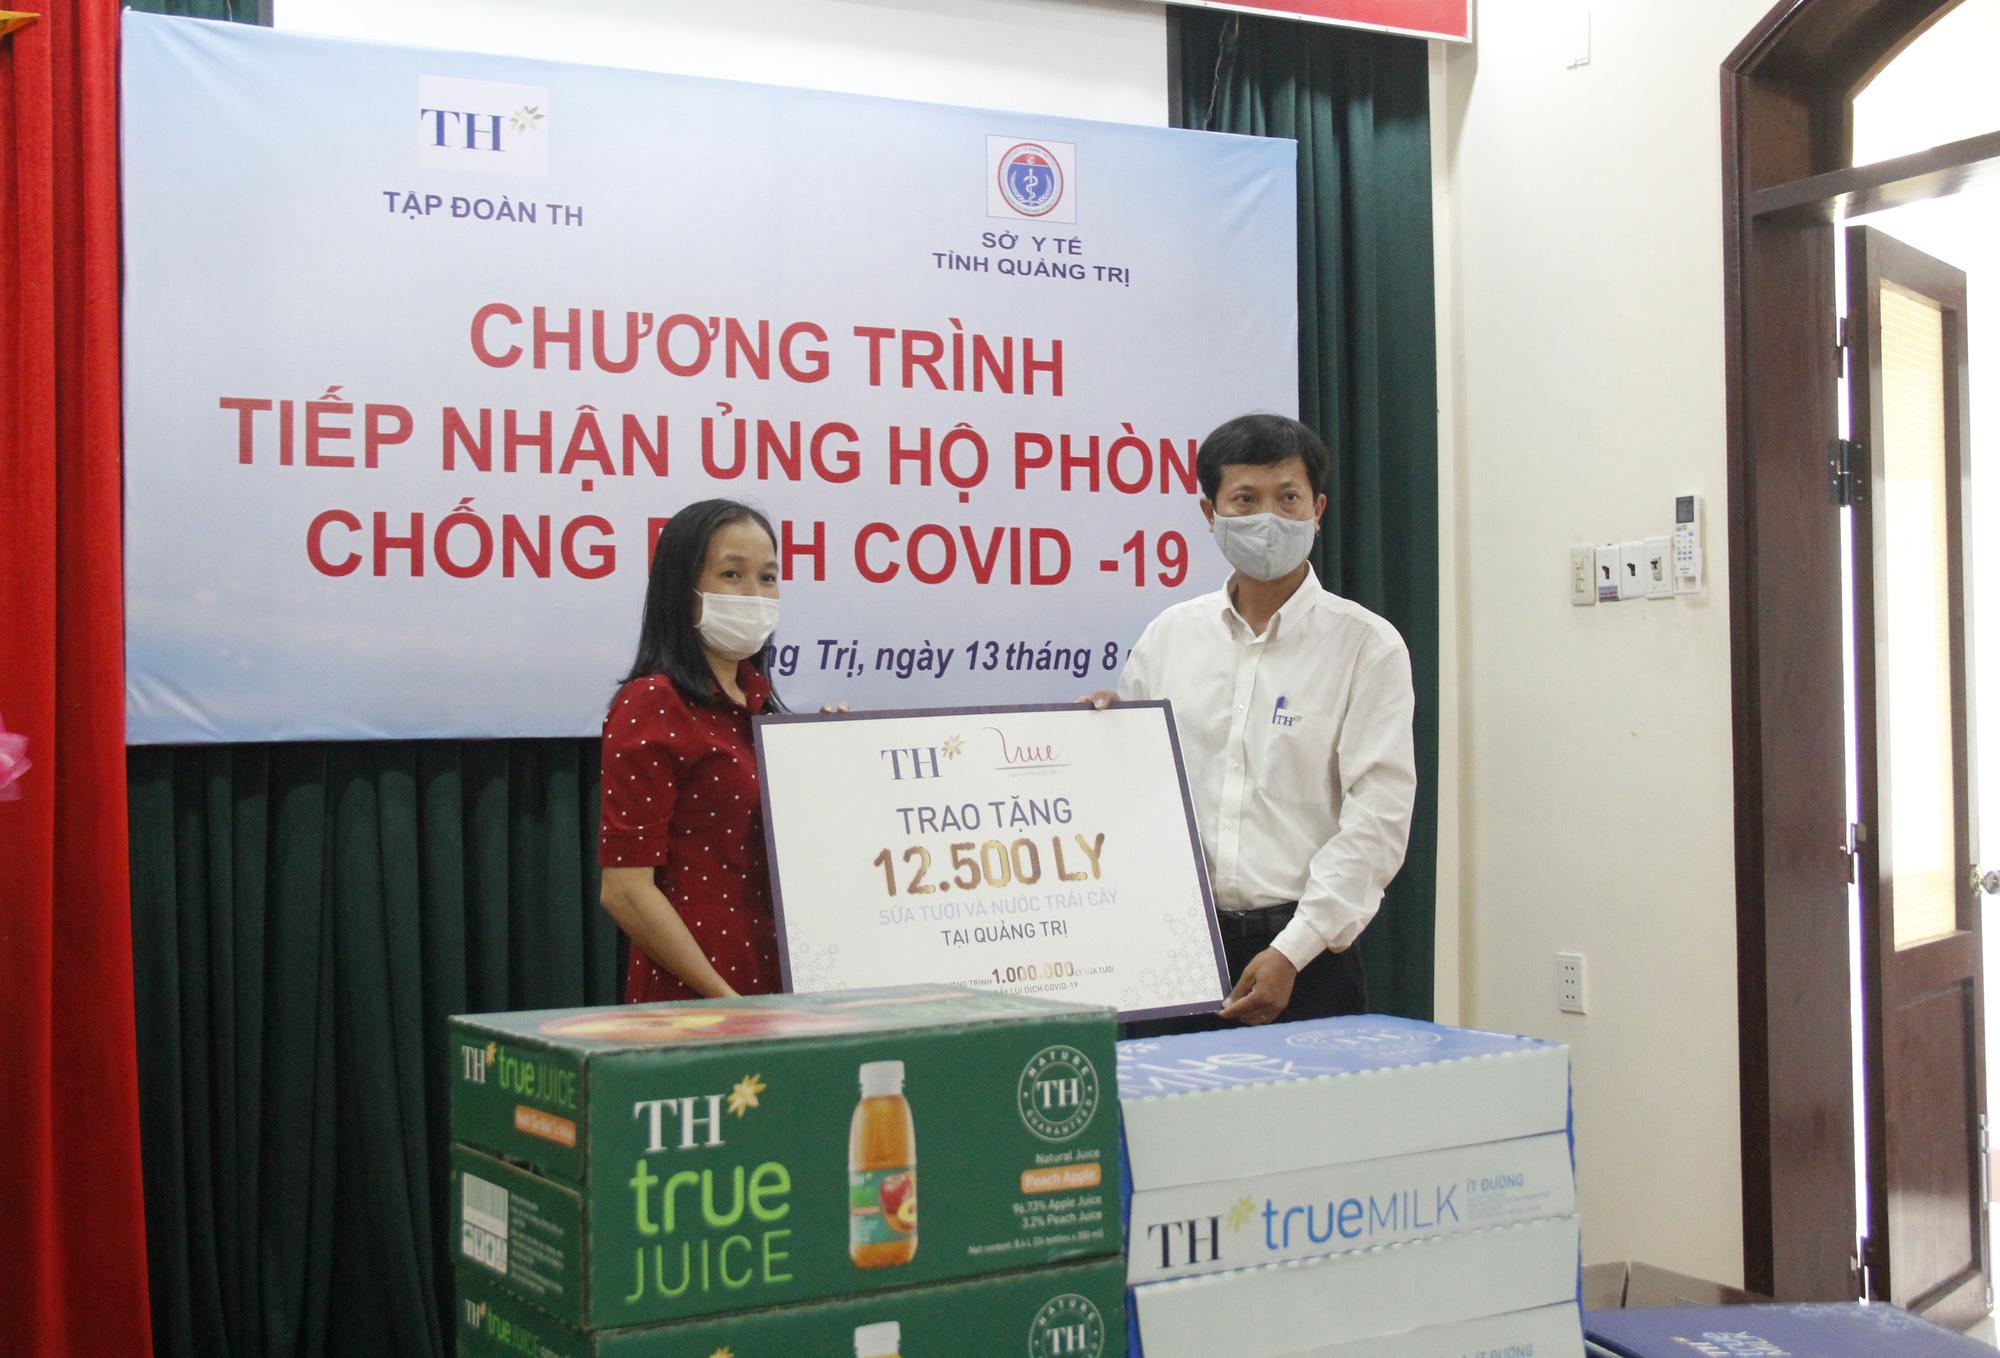 Tập đoàn TH trao tặng 12.500 sản phẩm sữa tươi hỗ trợ tỉnh Quảng Trị phòng, chống dịch Covid-19 - Ảnh 2.